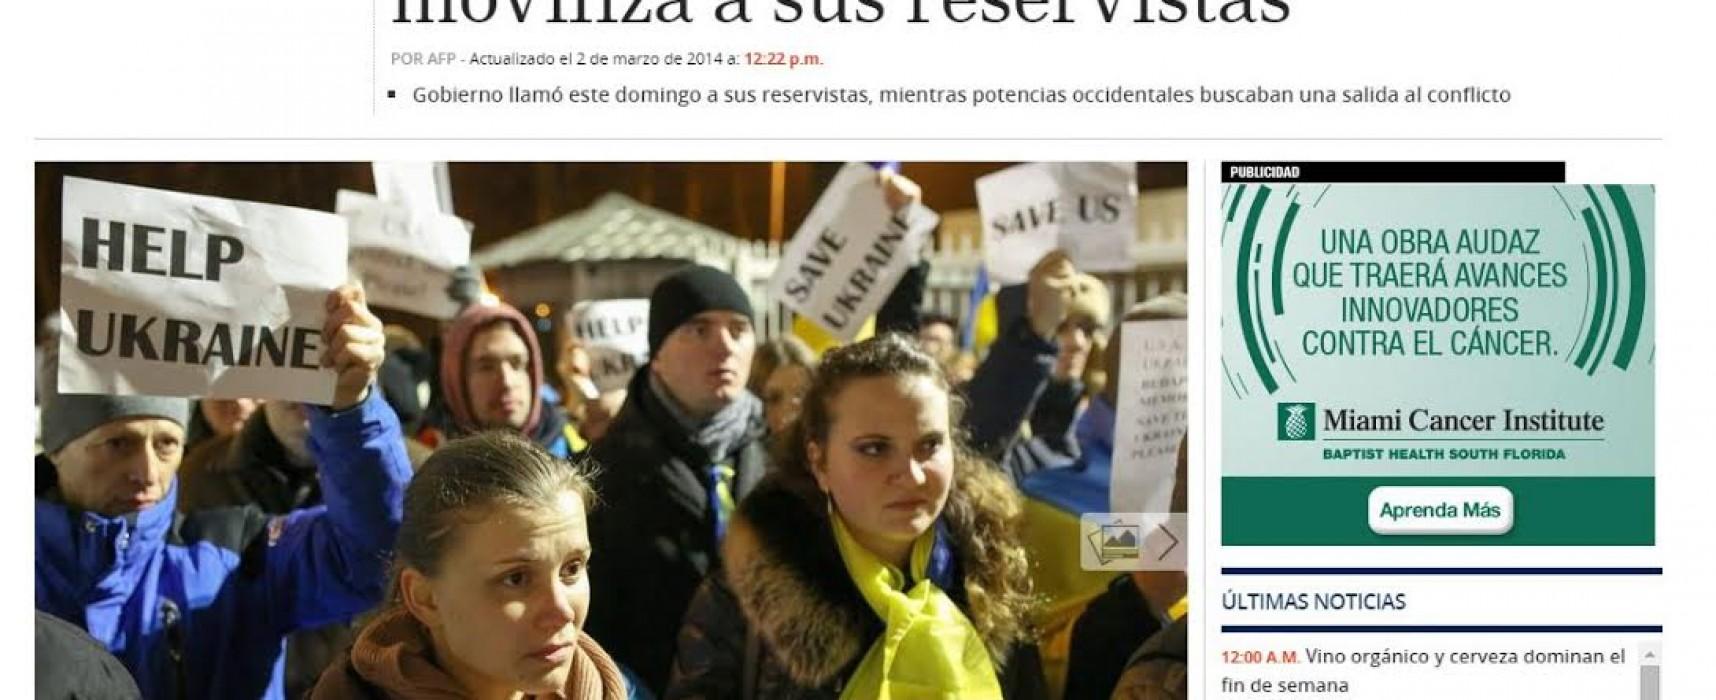 TeleSUR ilustró su nota sobre una manifestación contra EE.UU con una imagen de los ucranianos pidiendo ayuda internacional